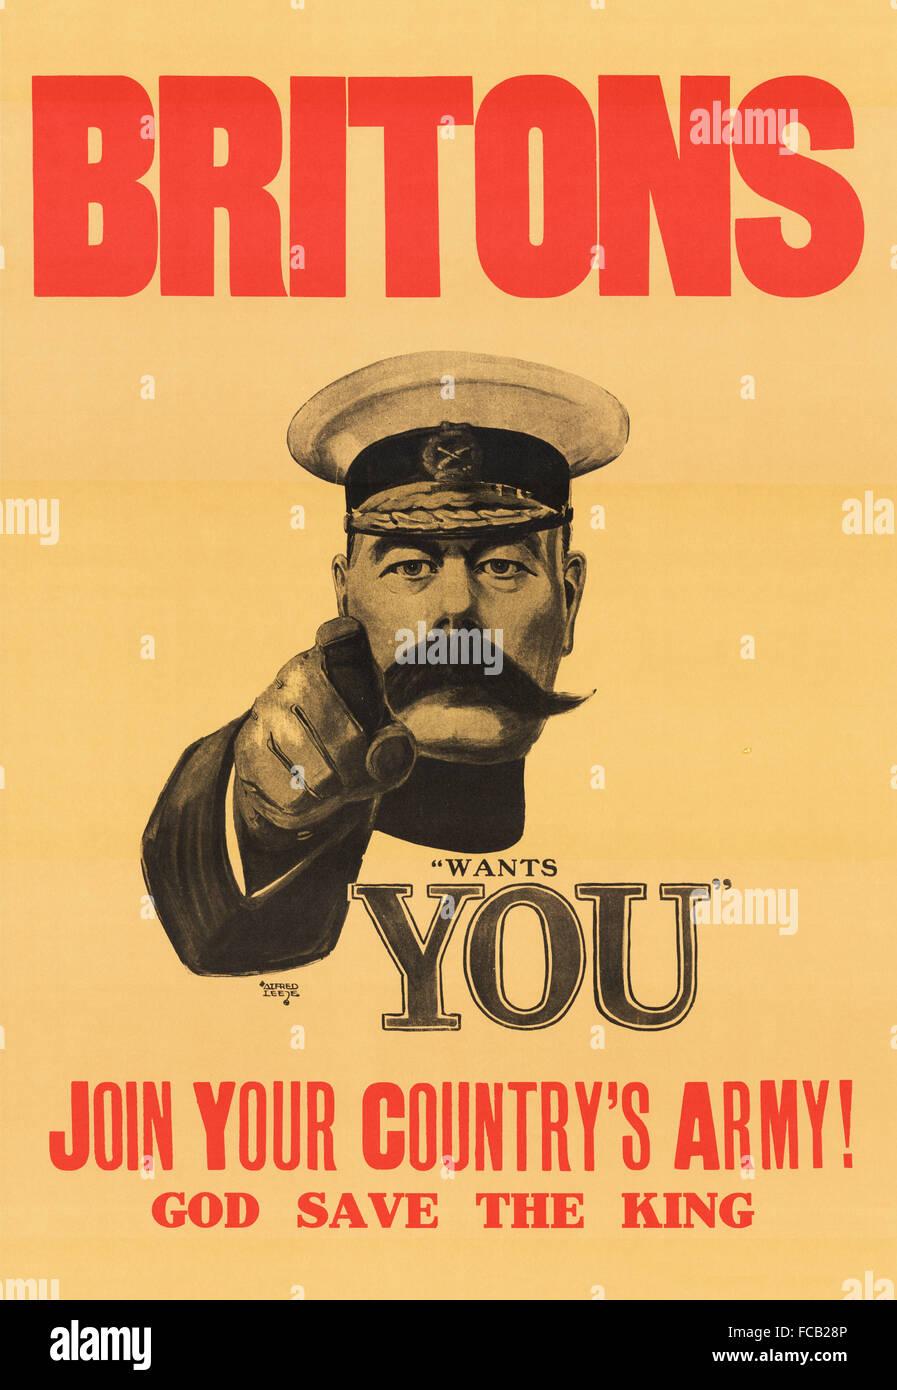 'Lord Kitchener veut vous' affiche de recrutement pour l'armée britannique dans la PREMIÈRE Photo Stock